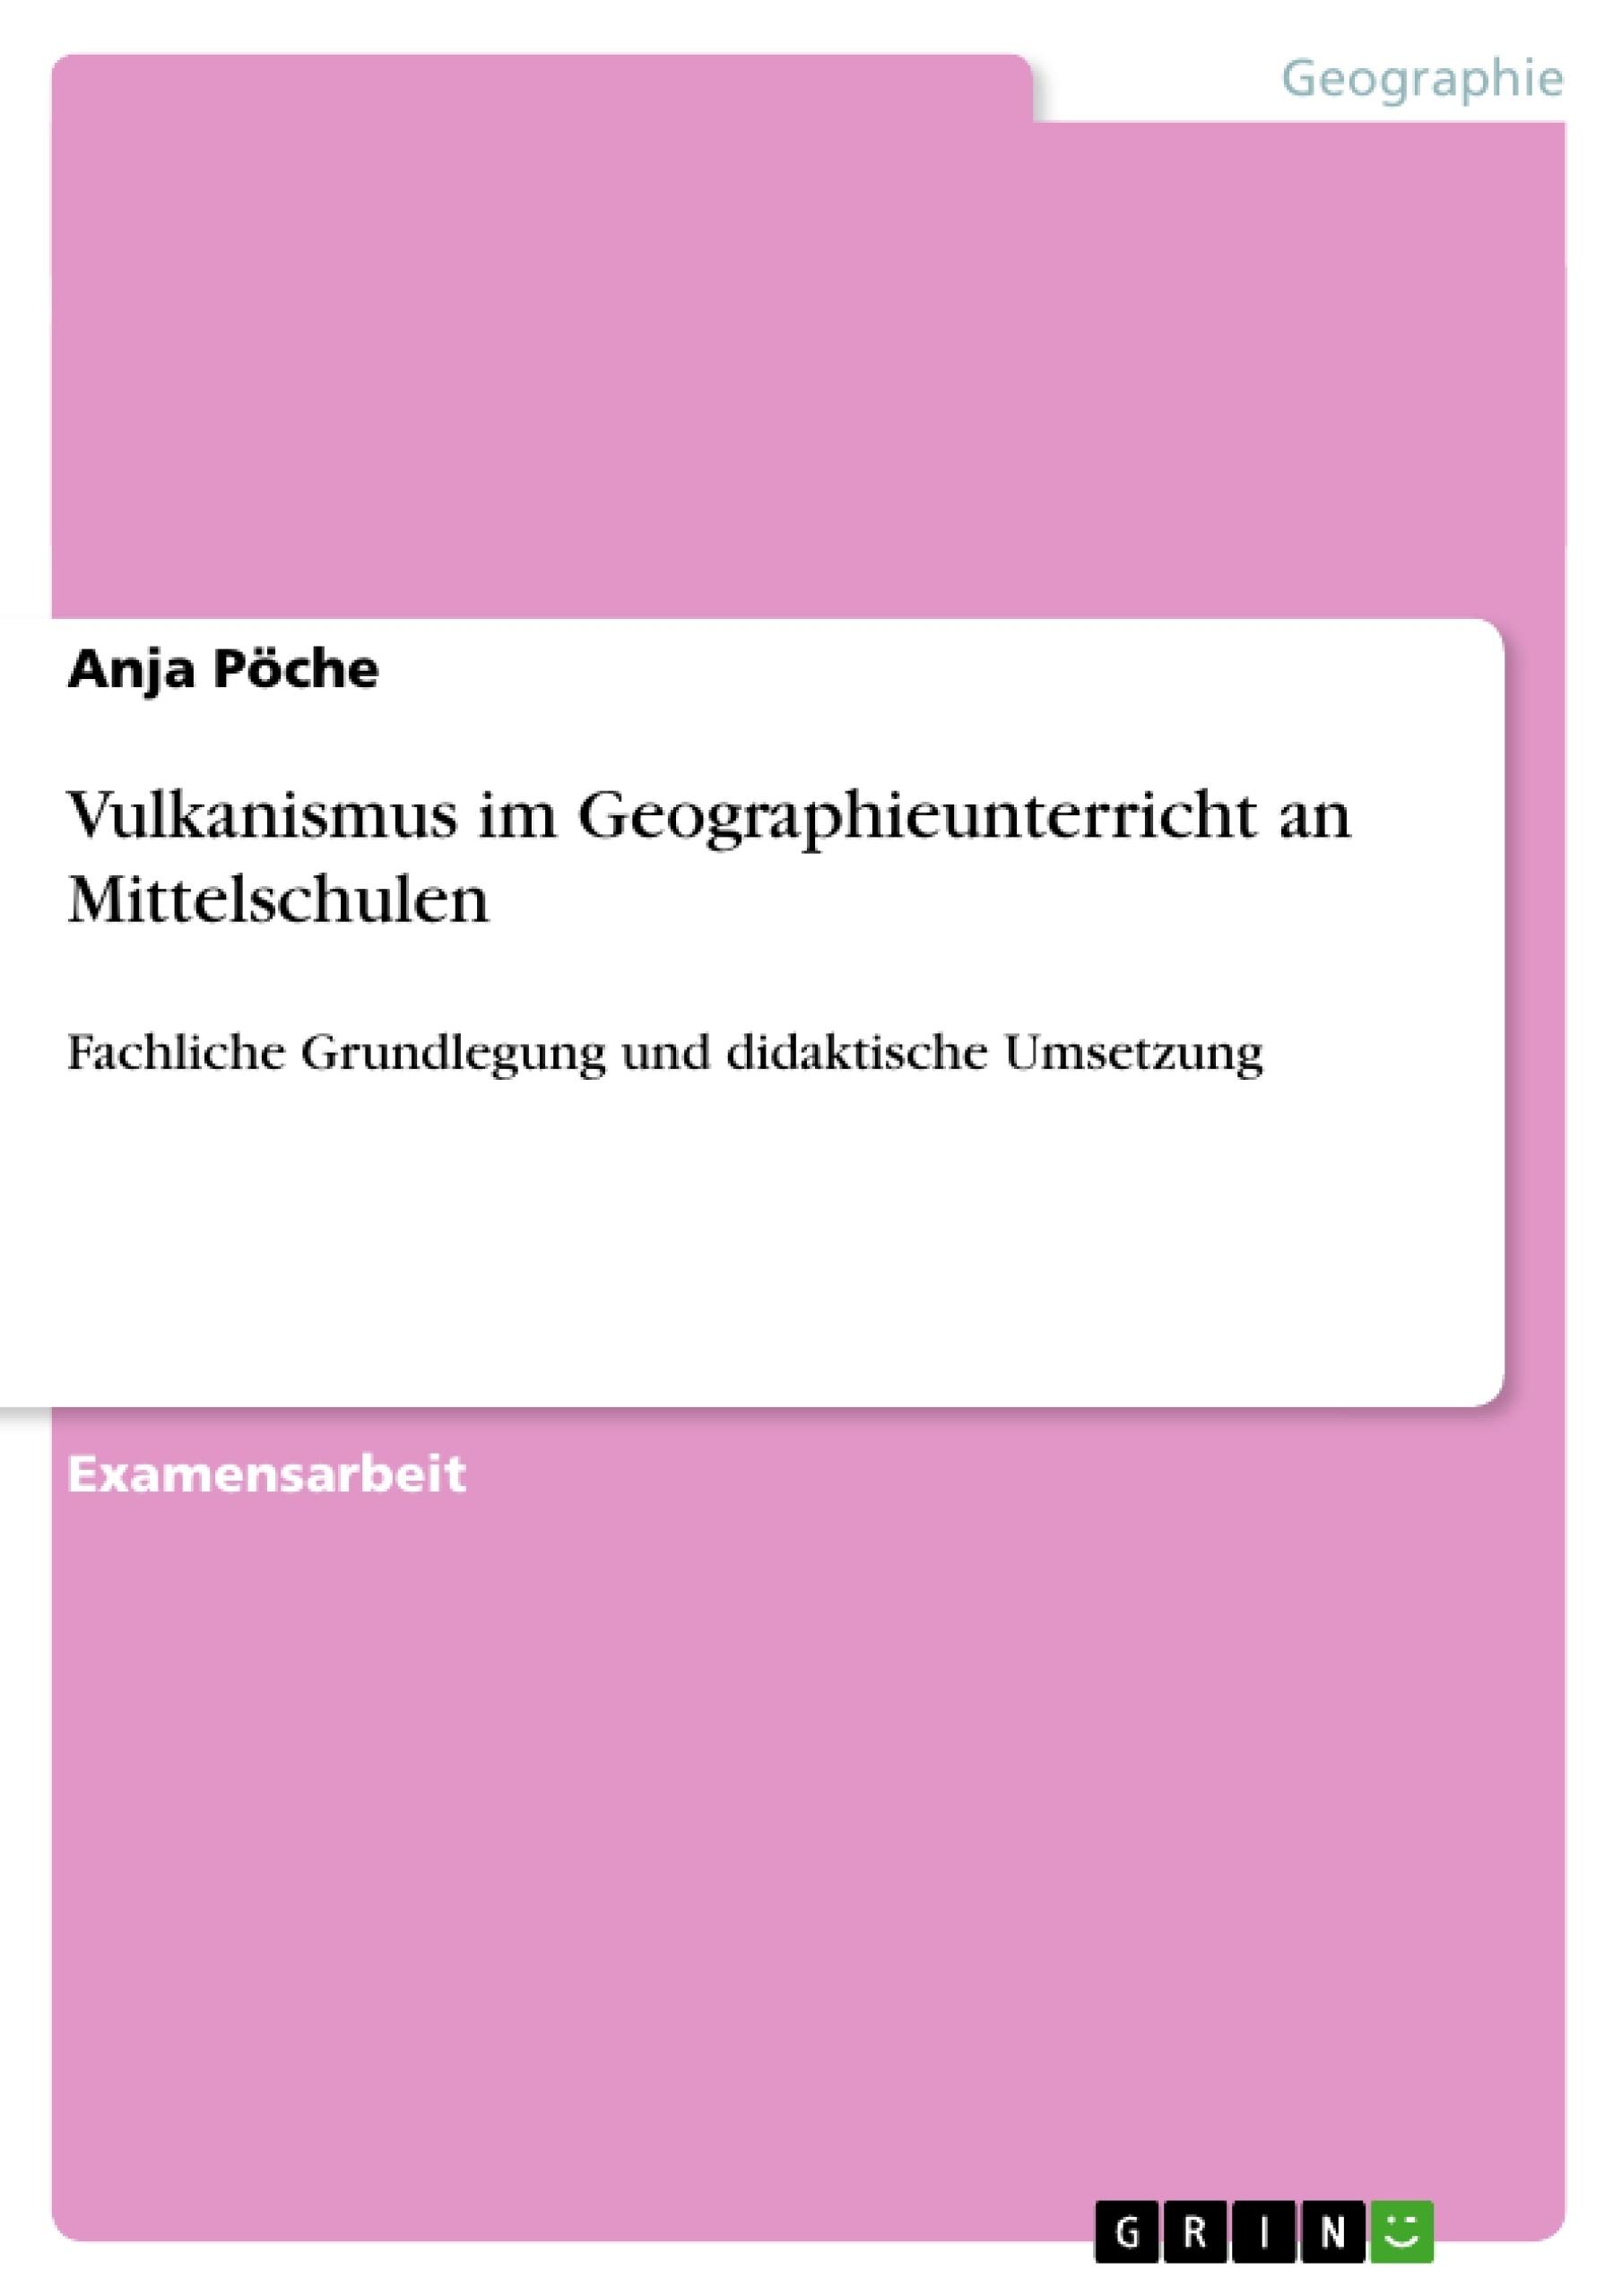 Titel: Vulkanismus im Geographieunterricht an Mittelschulen